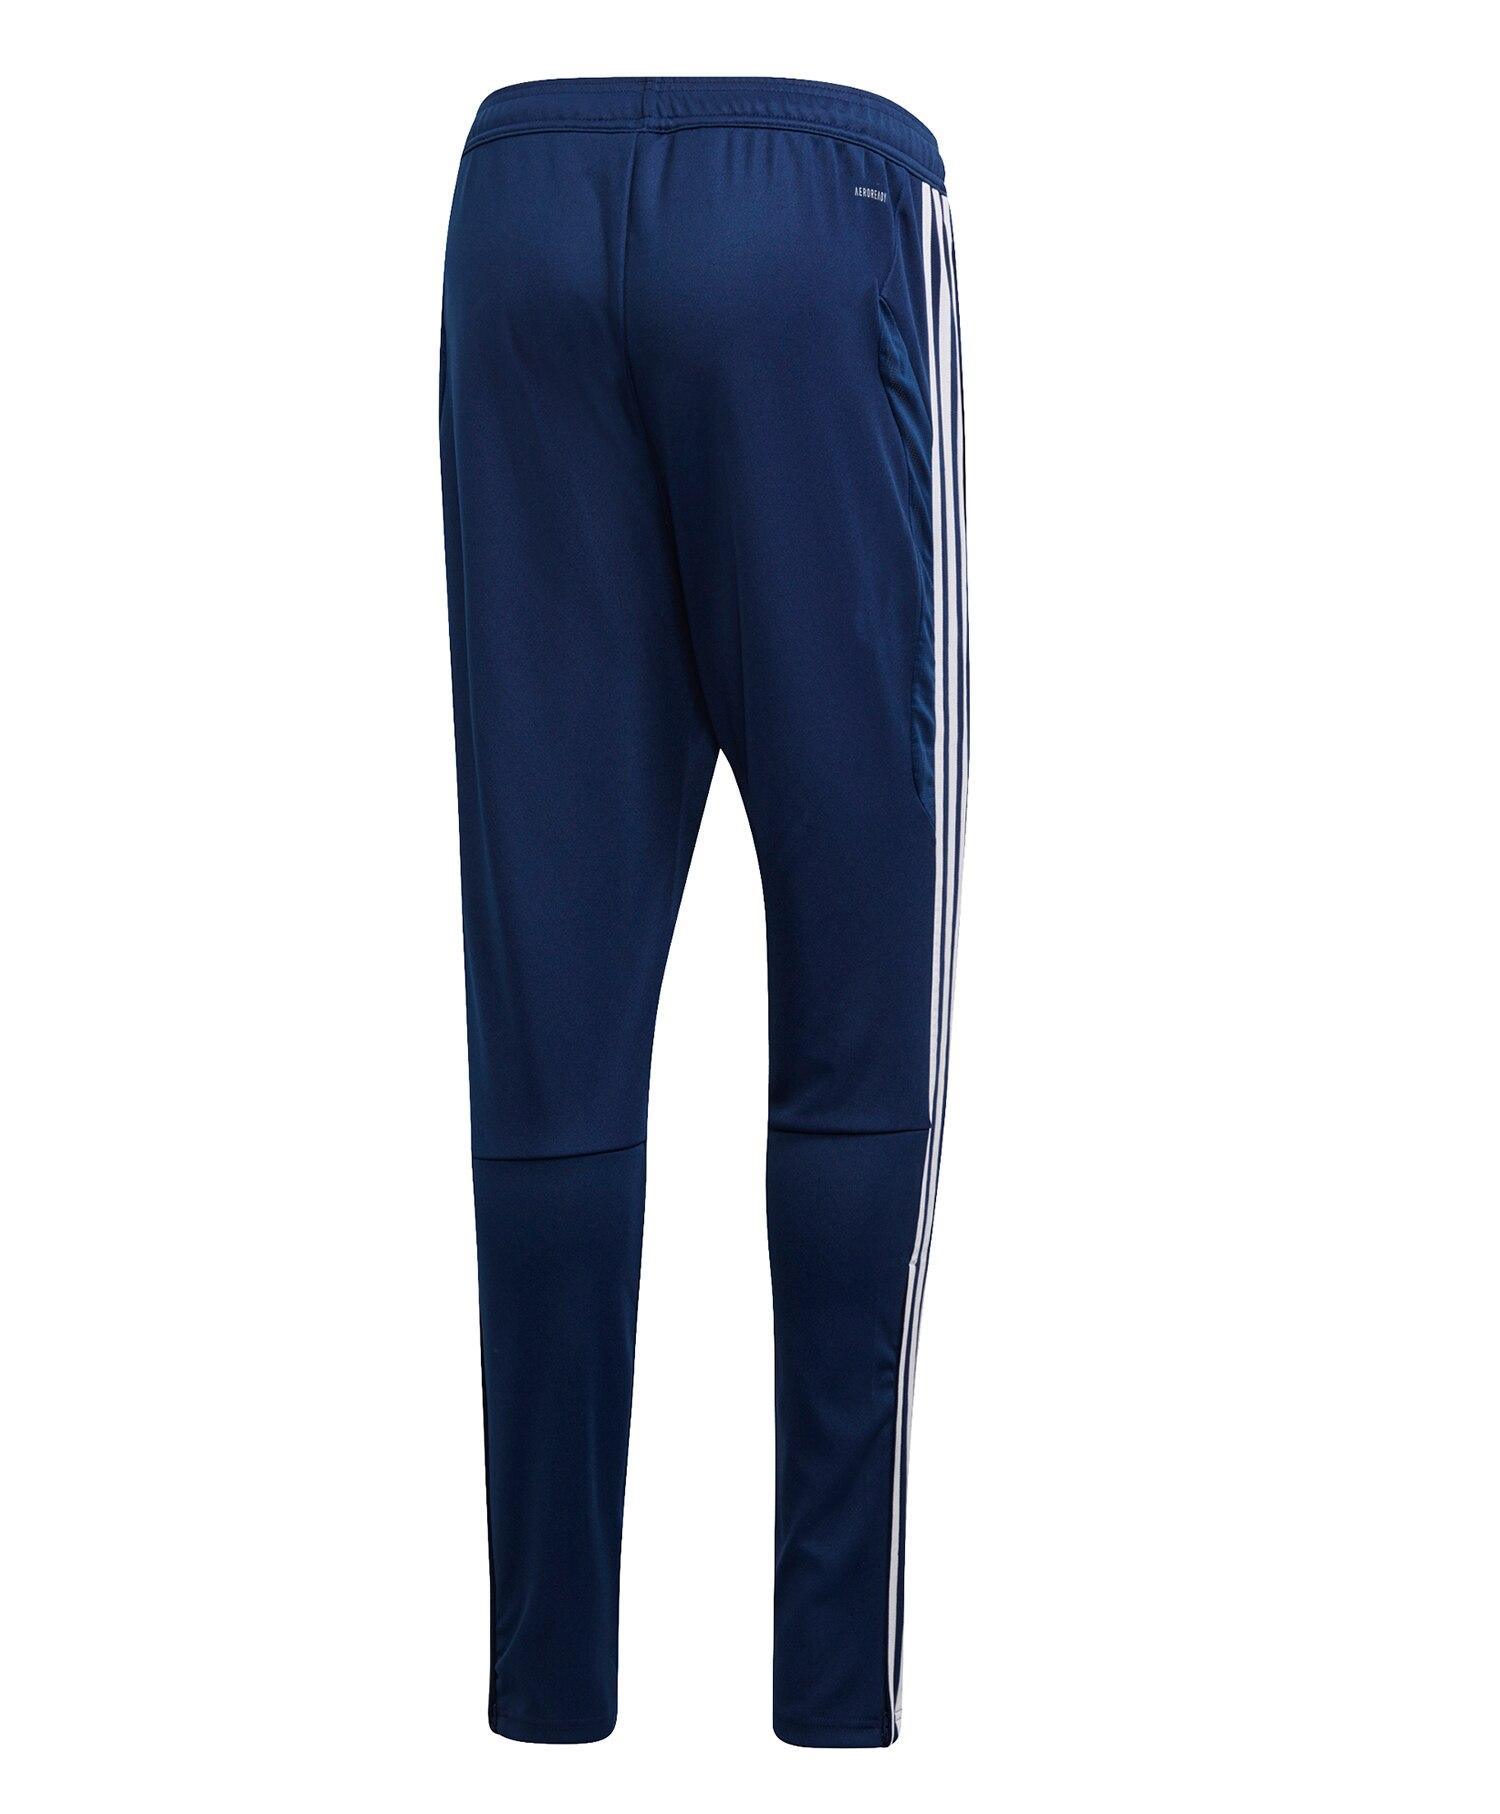 adidas Tiro19  bukse